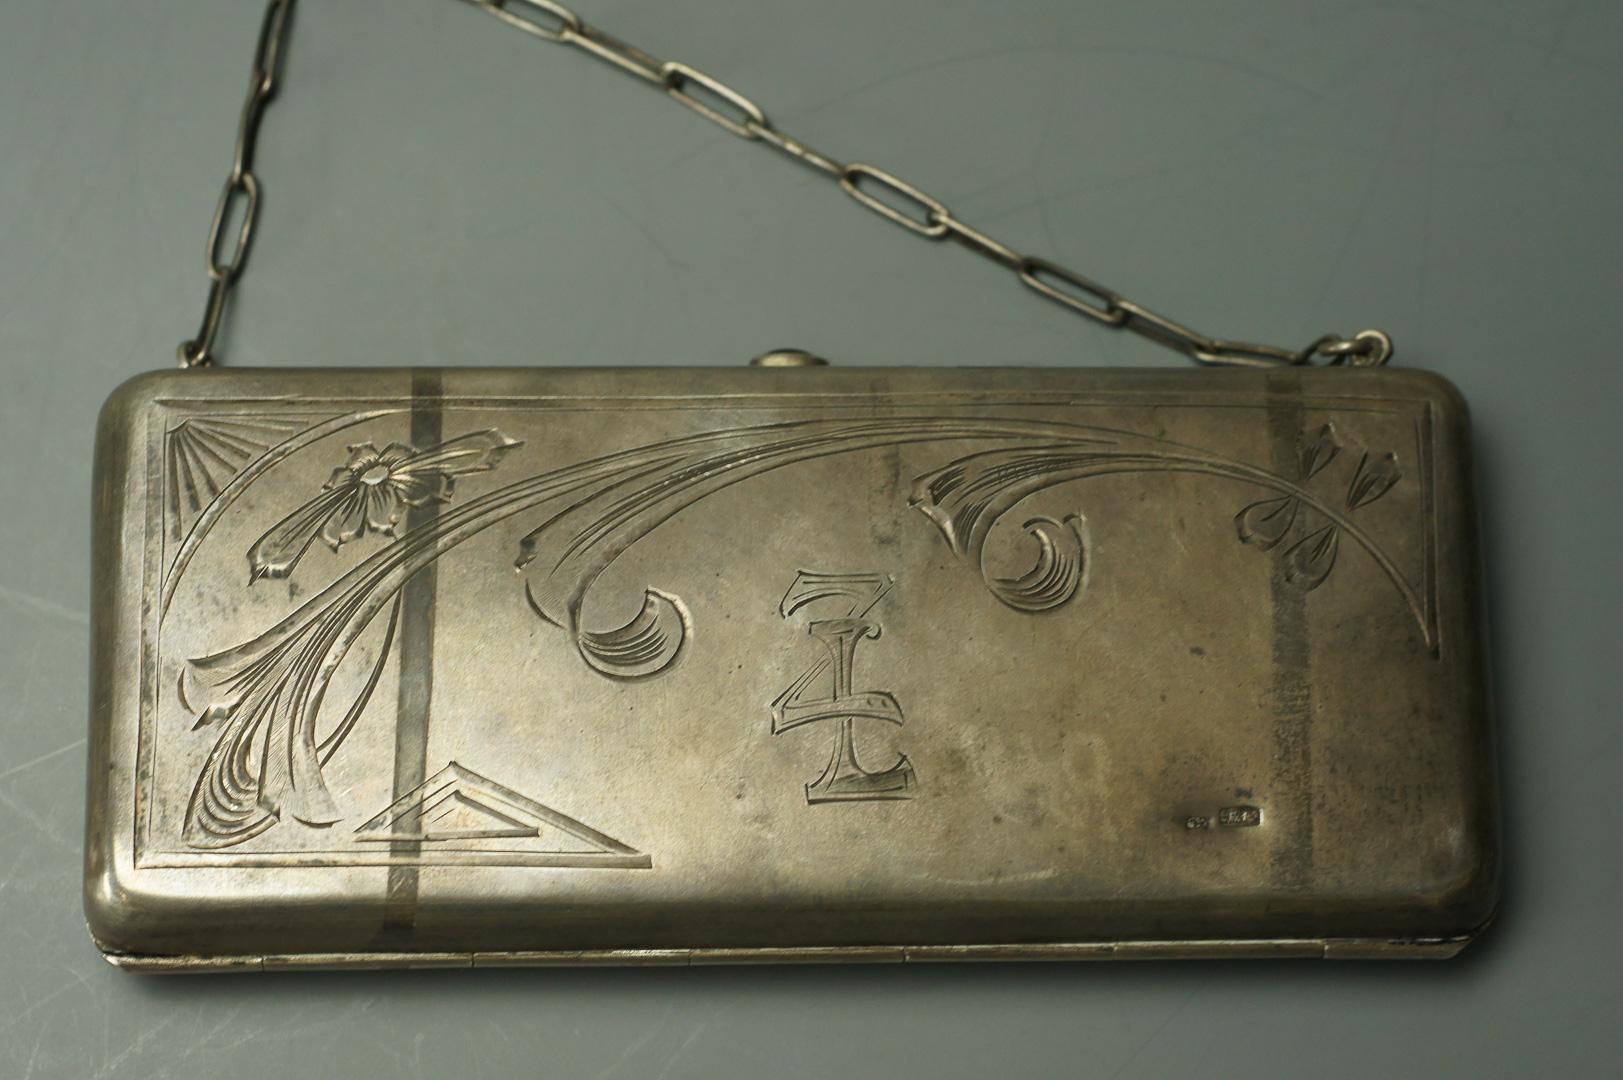 Кошелек сумочка серебряная на цепочке